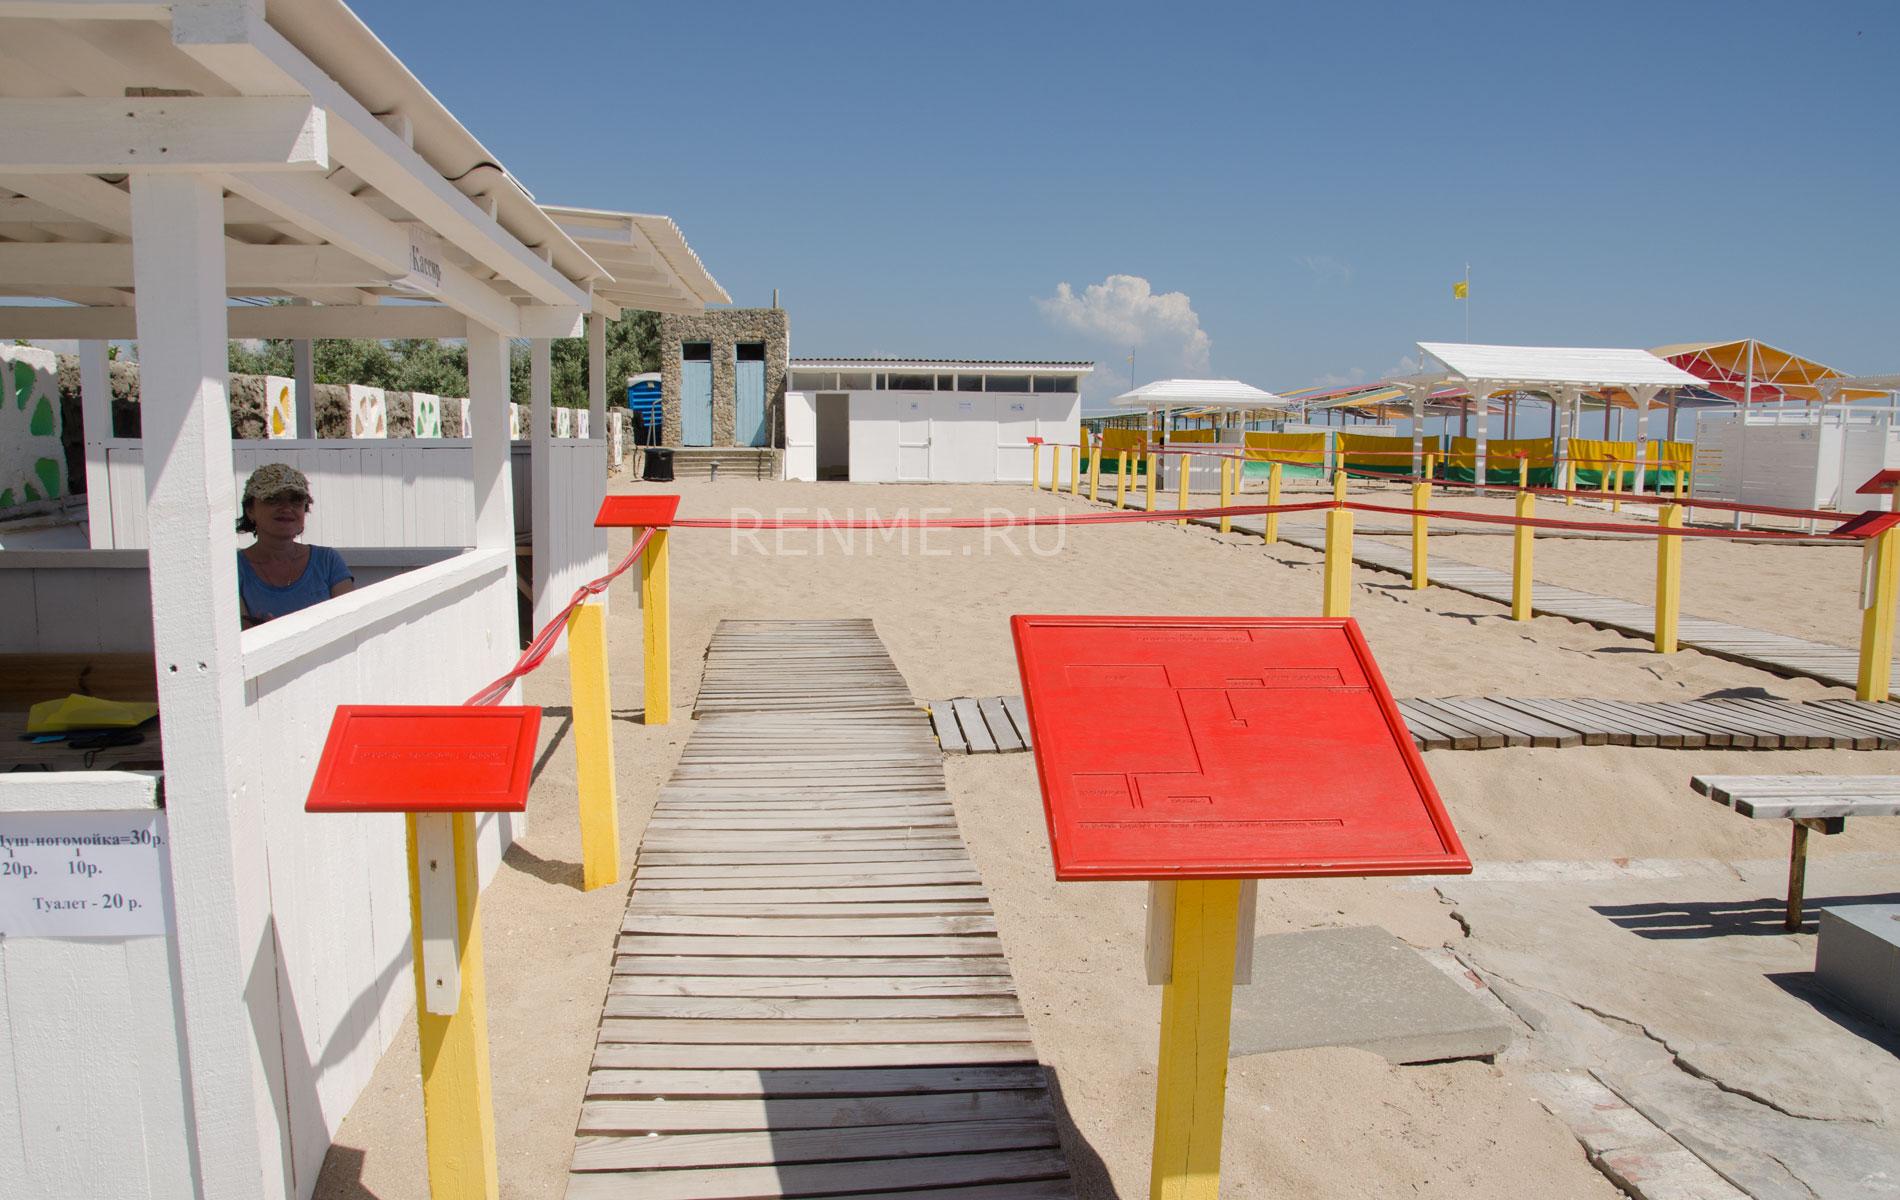 Пляж для инвалидов в июне 2019. Фото Евпатории